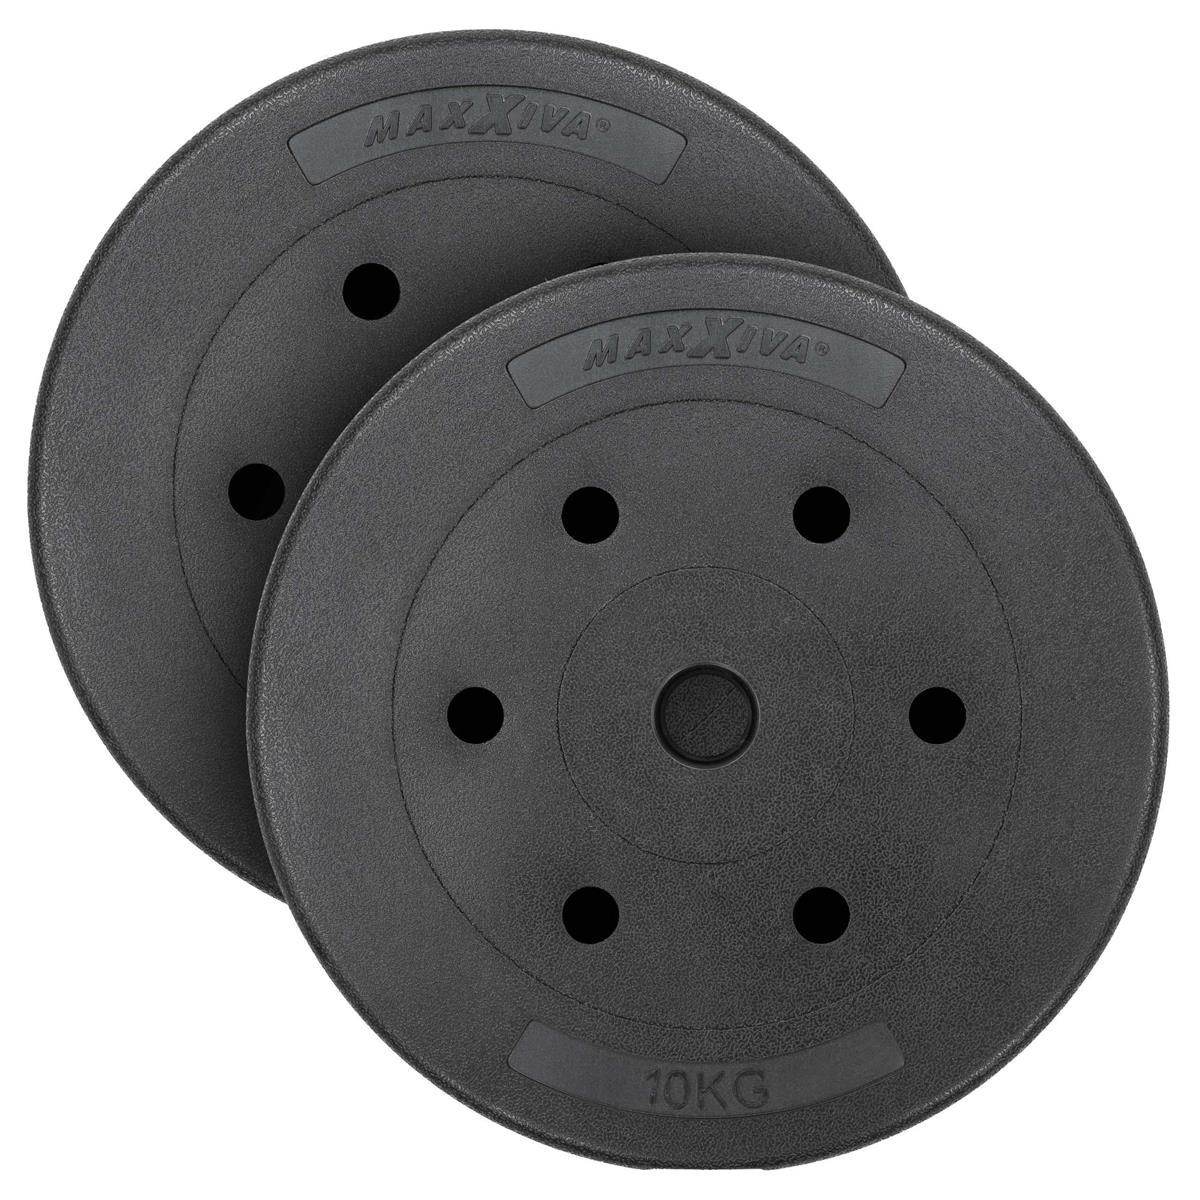 MAXXIVA Hantelscheiben Set Zement 2x10kg Gewichte Schwarz Gewichtsscheiben